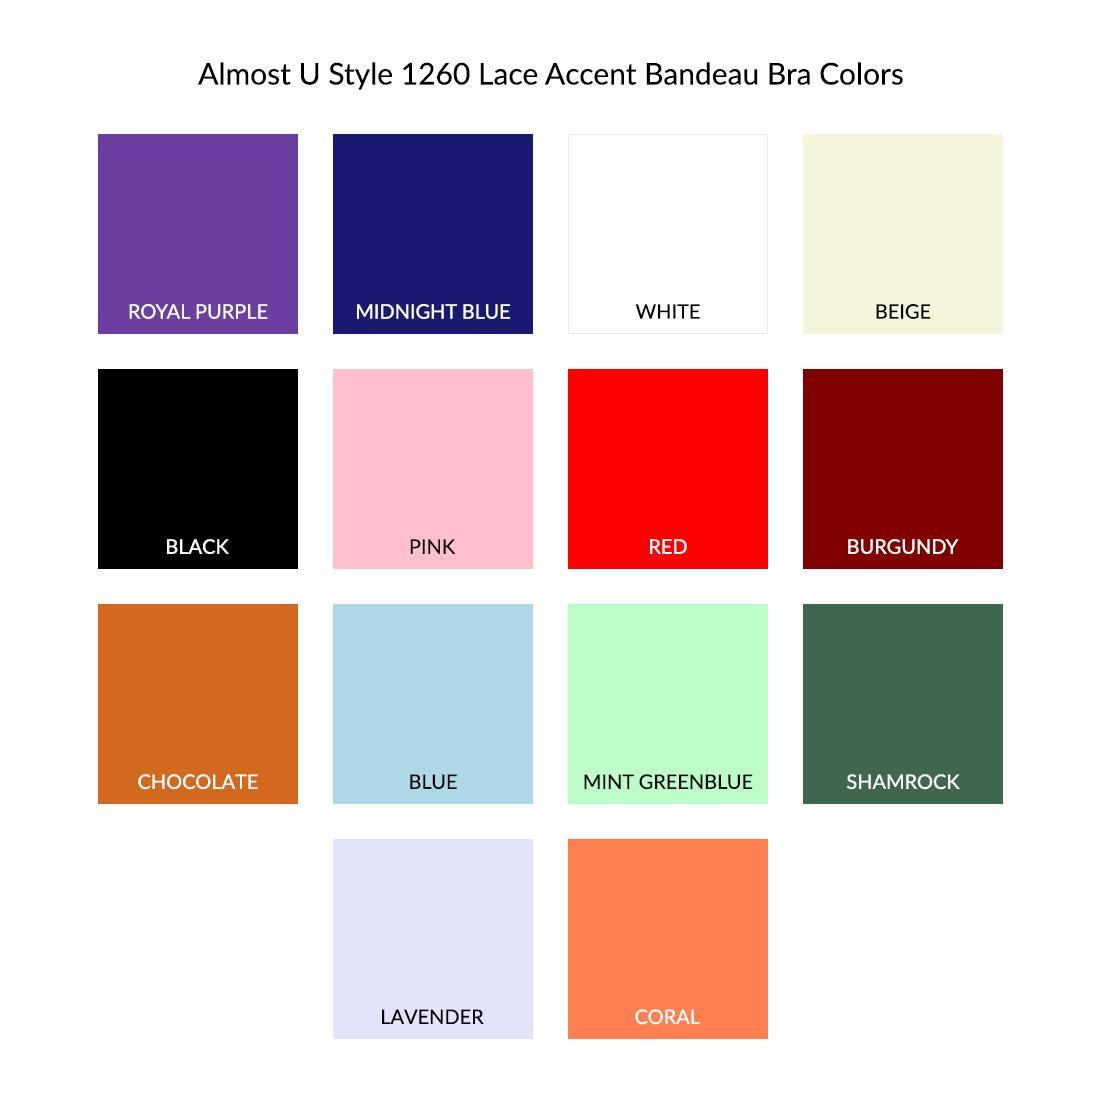 21a5374af5d6 Almost U Style 1260 Lace Accent Bandeau Bra